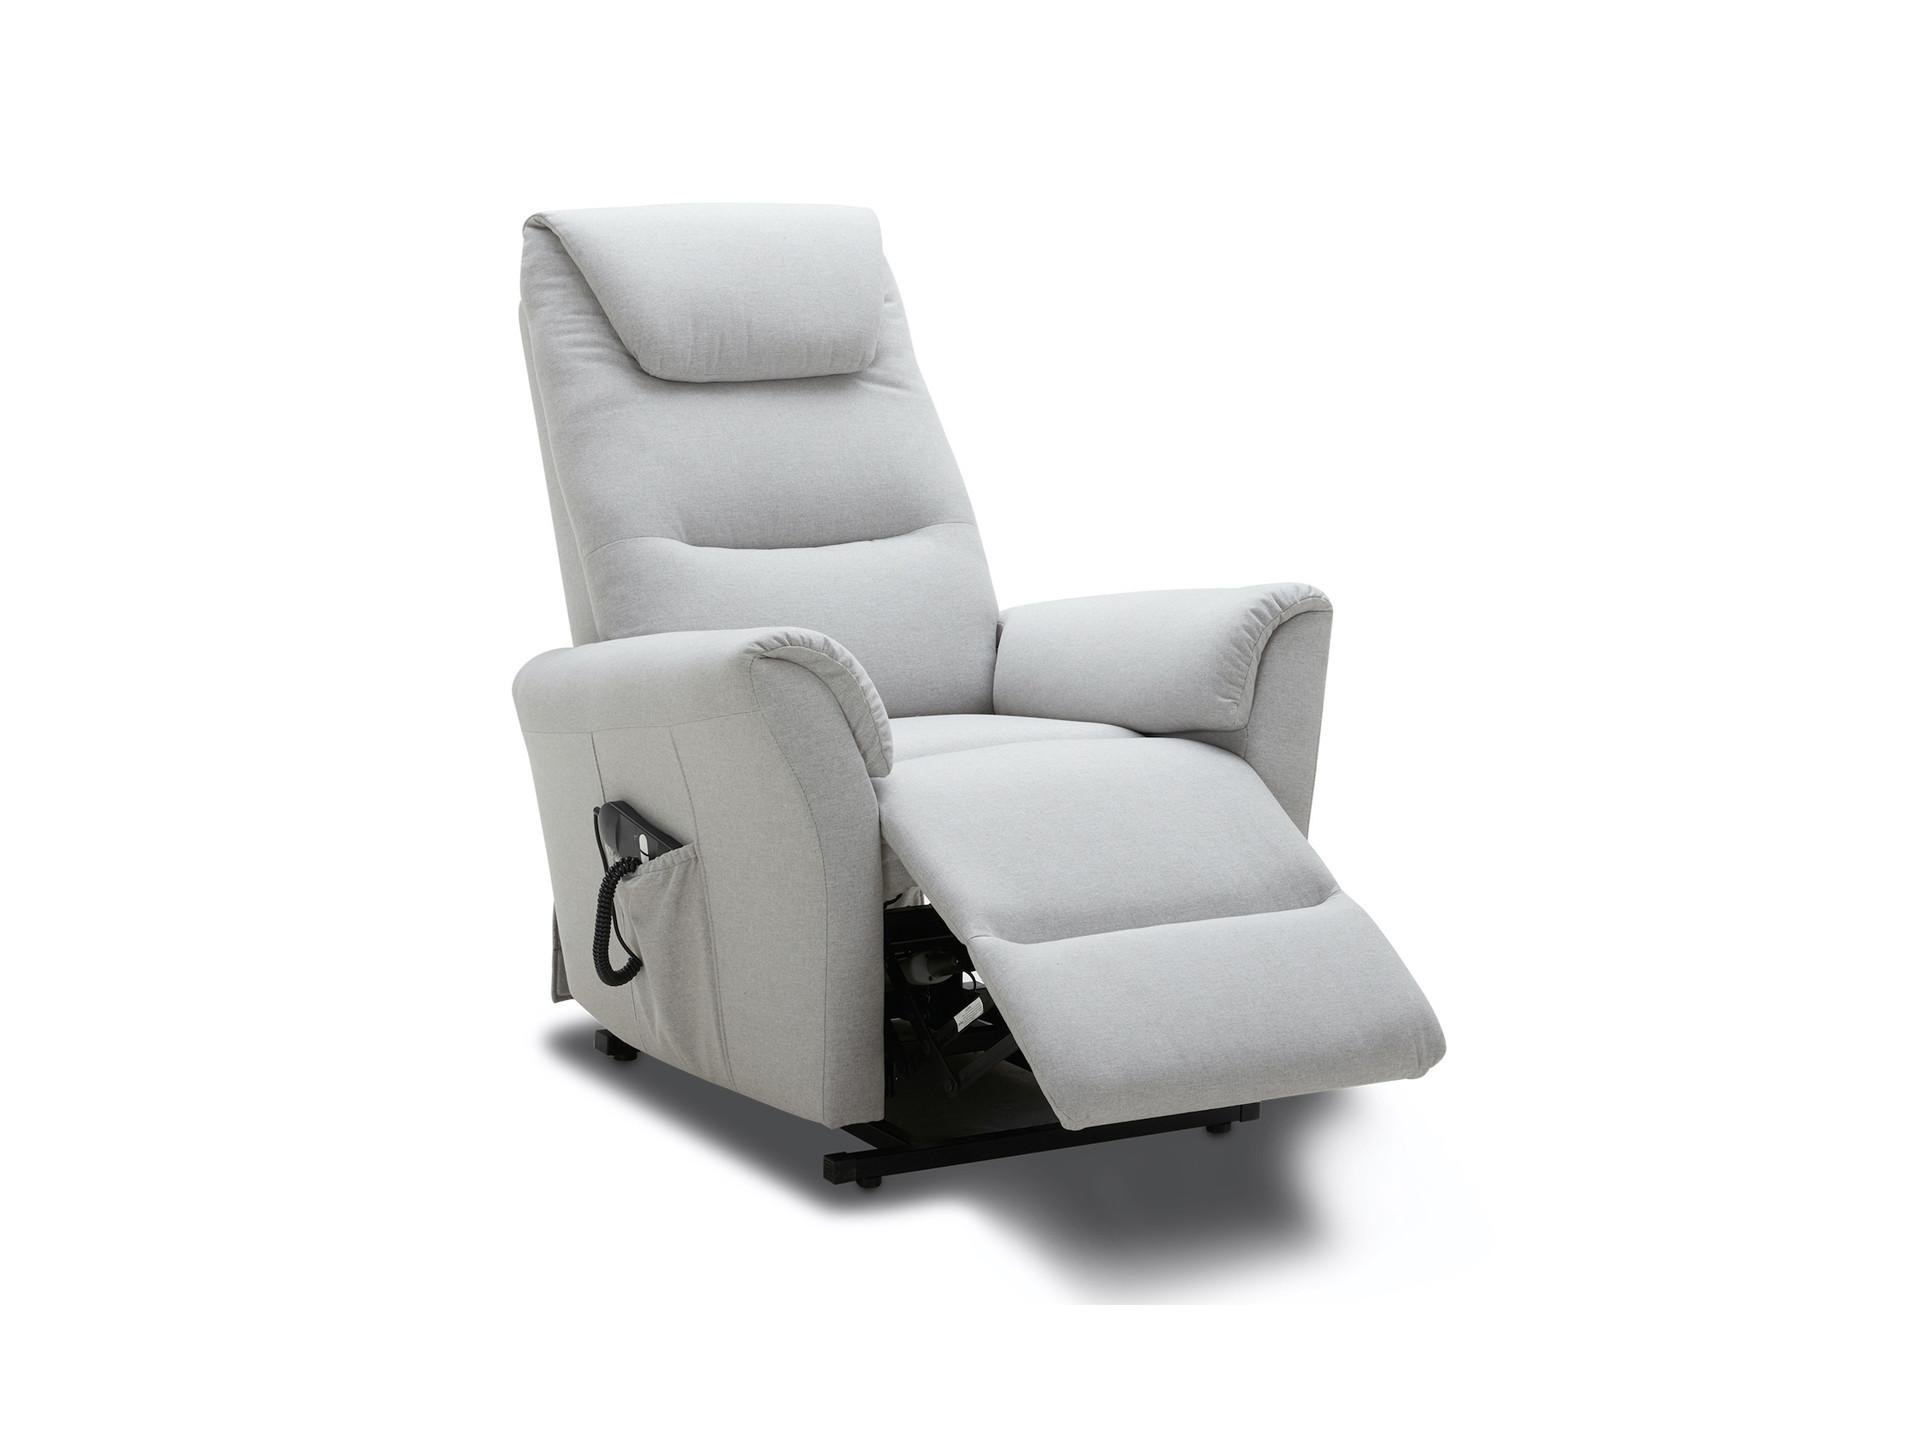 Serene Power Lift Chair